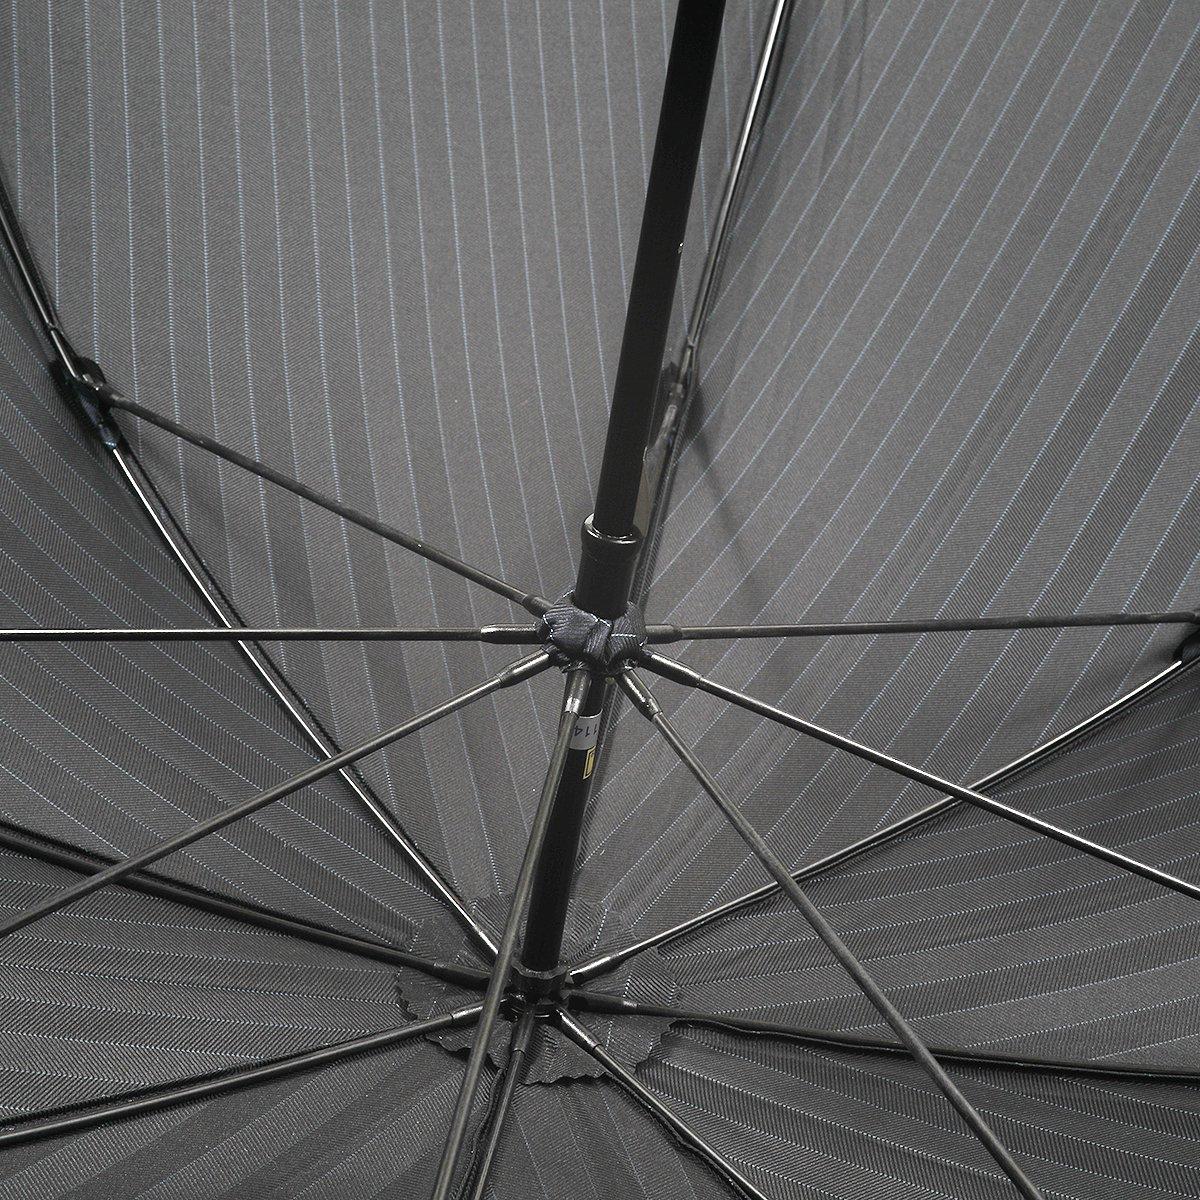 【セール】ネイビー ヘリンボーン ツイル カラー ストライプ 長傘 詳細画像6